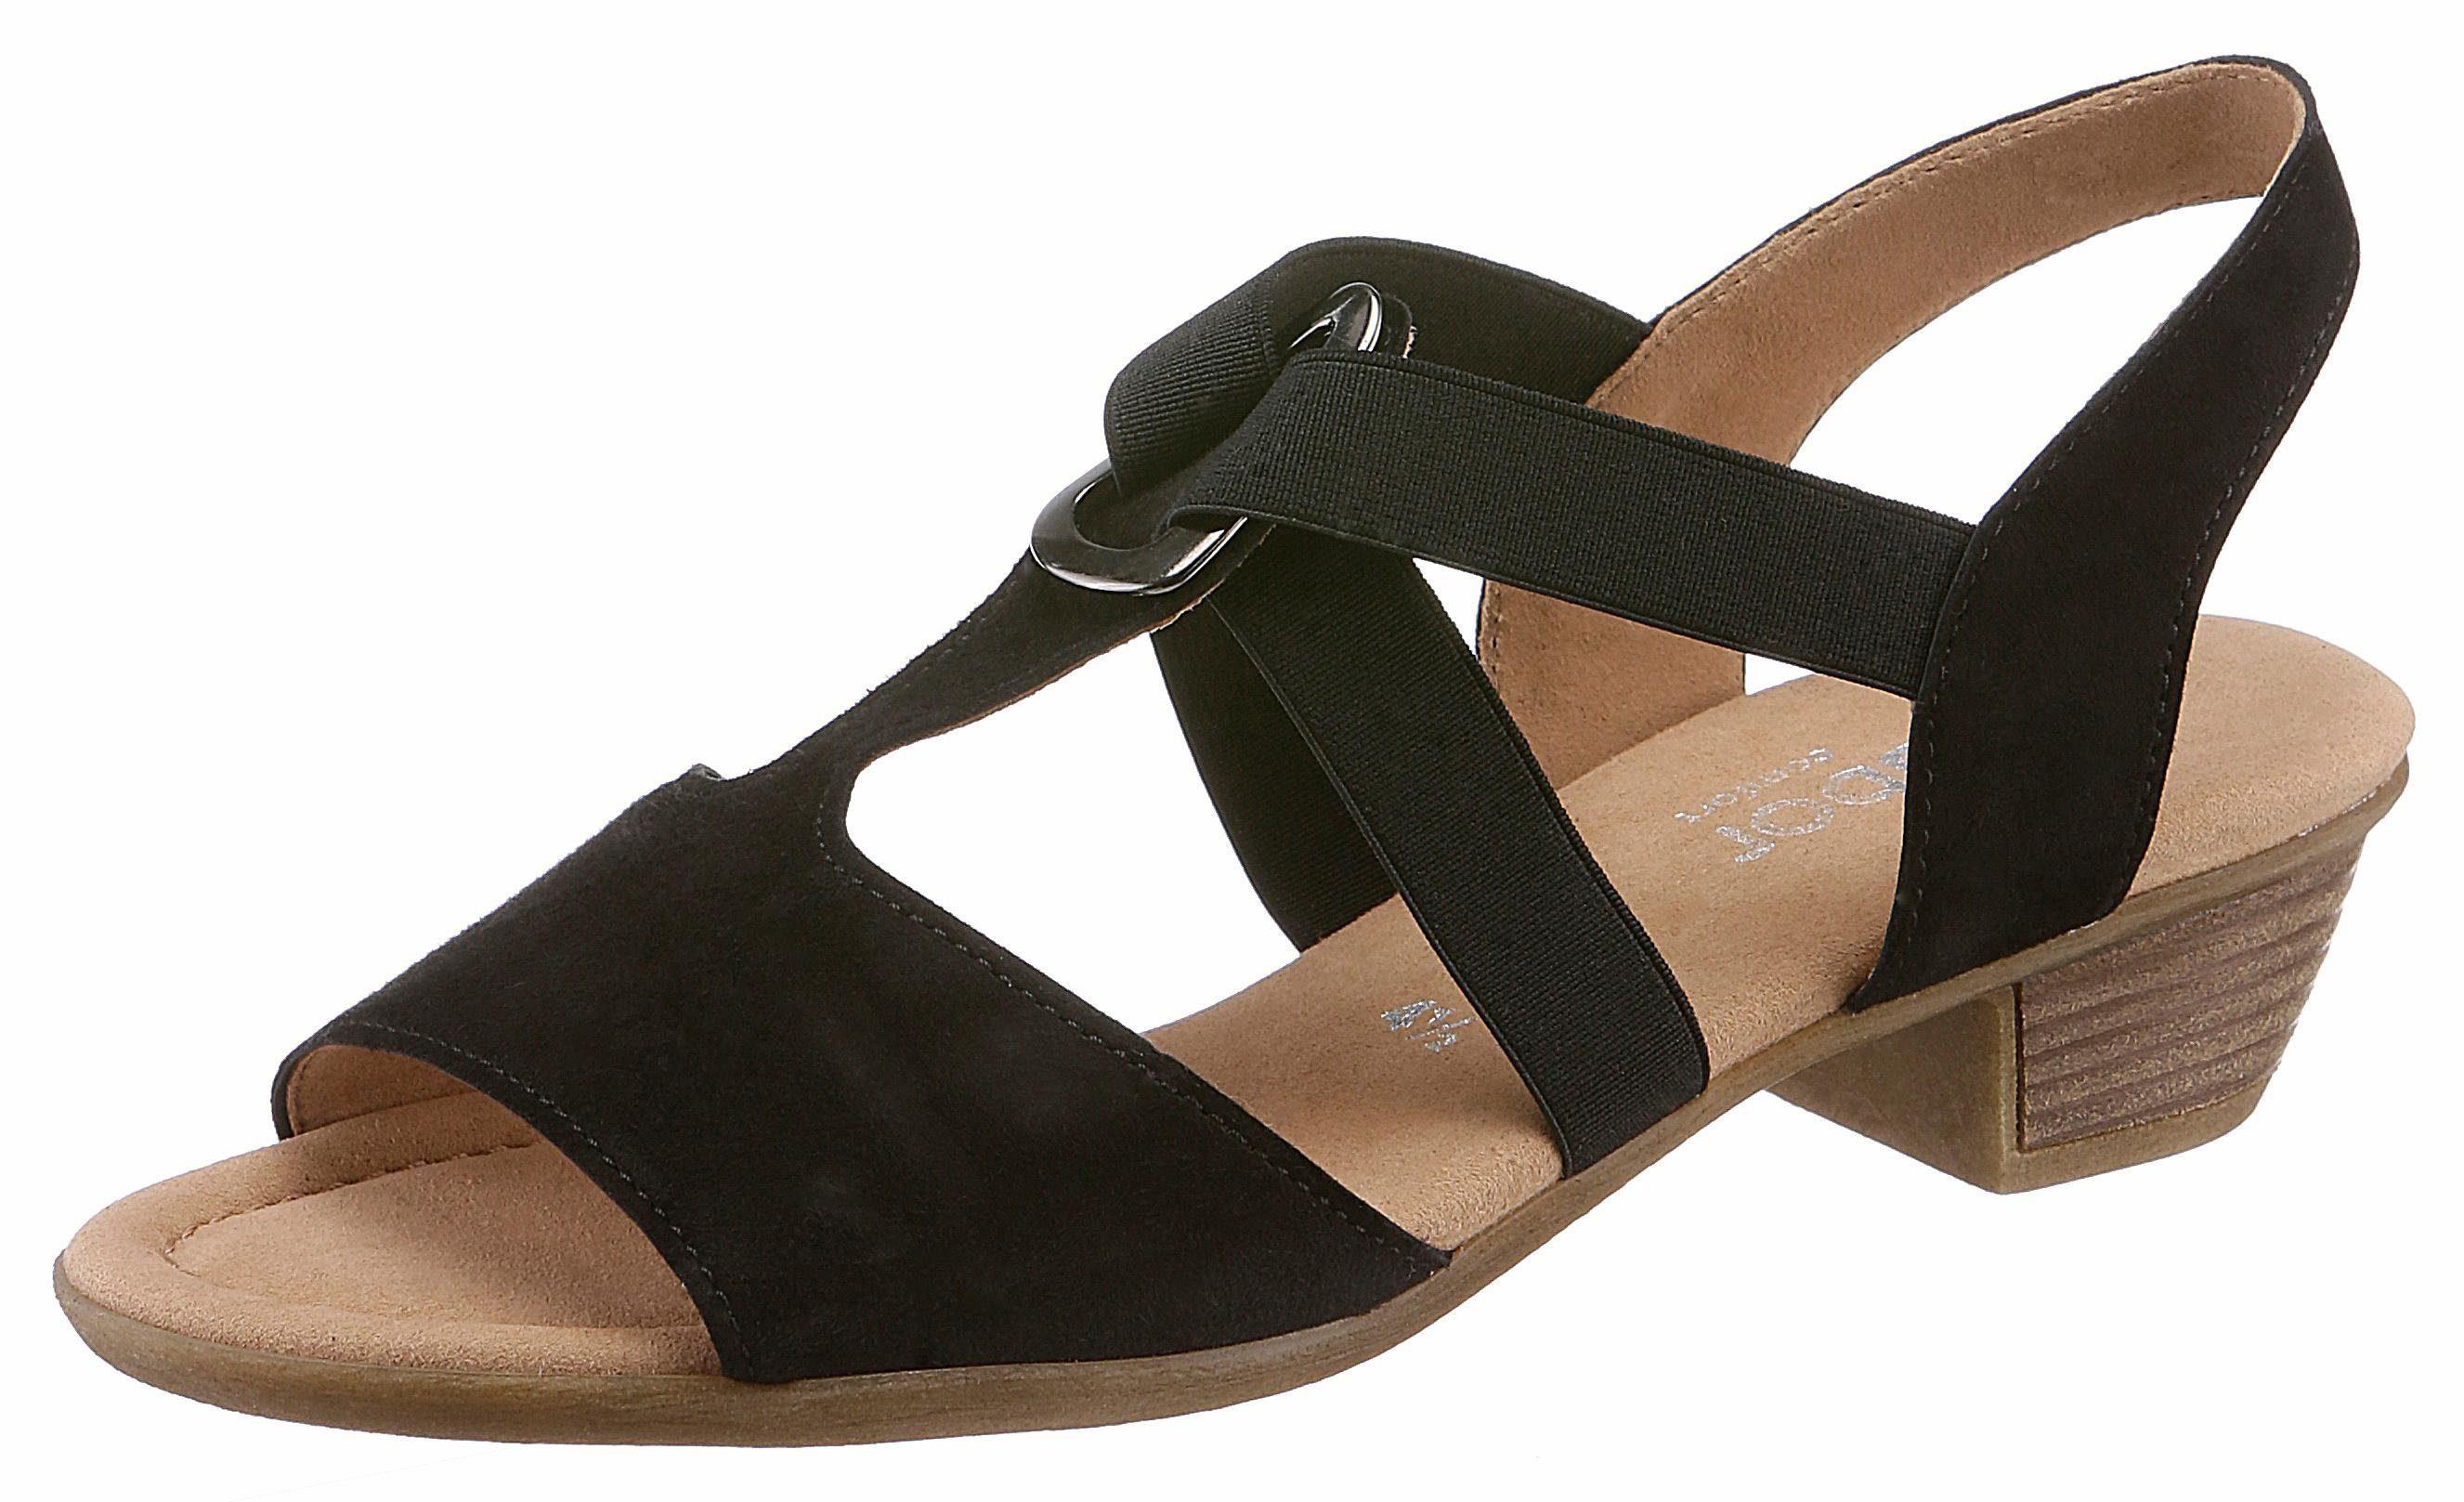 Gabor Sandalette, mit schönem Schmuckelement  schwarz